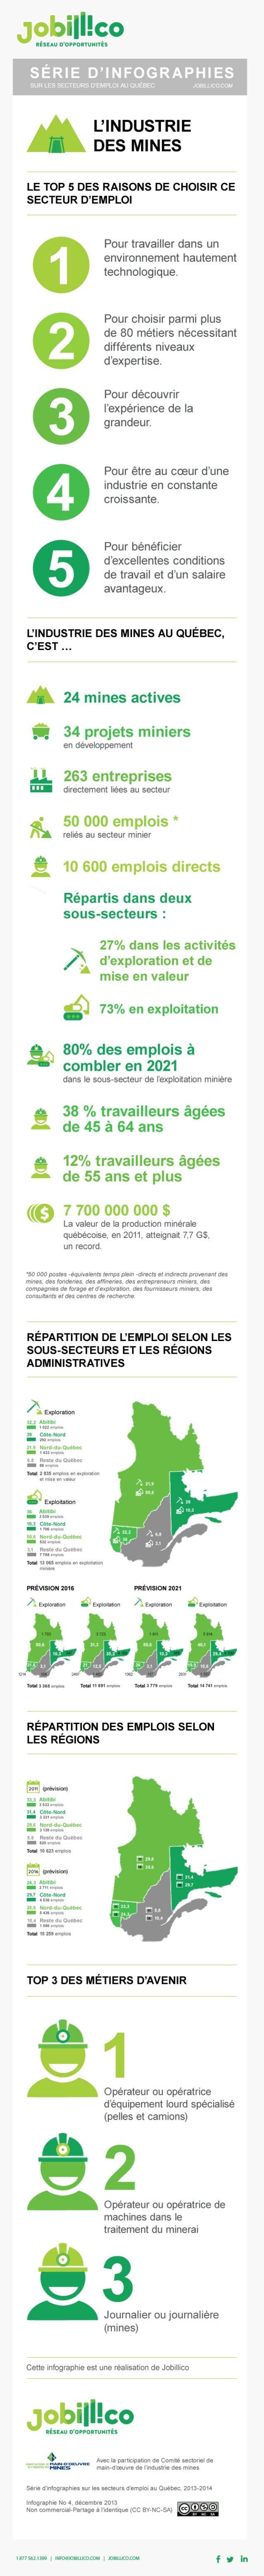 Emploi dans les mines les chiffres qu'on doit retenir pour le Québec